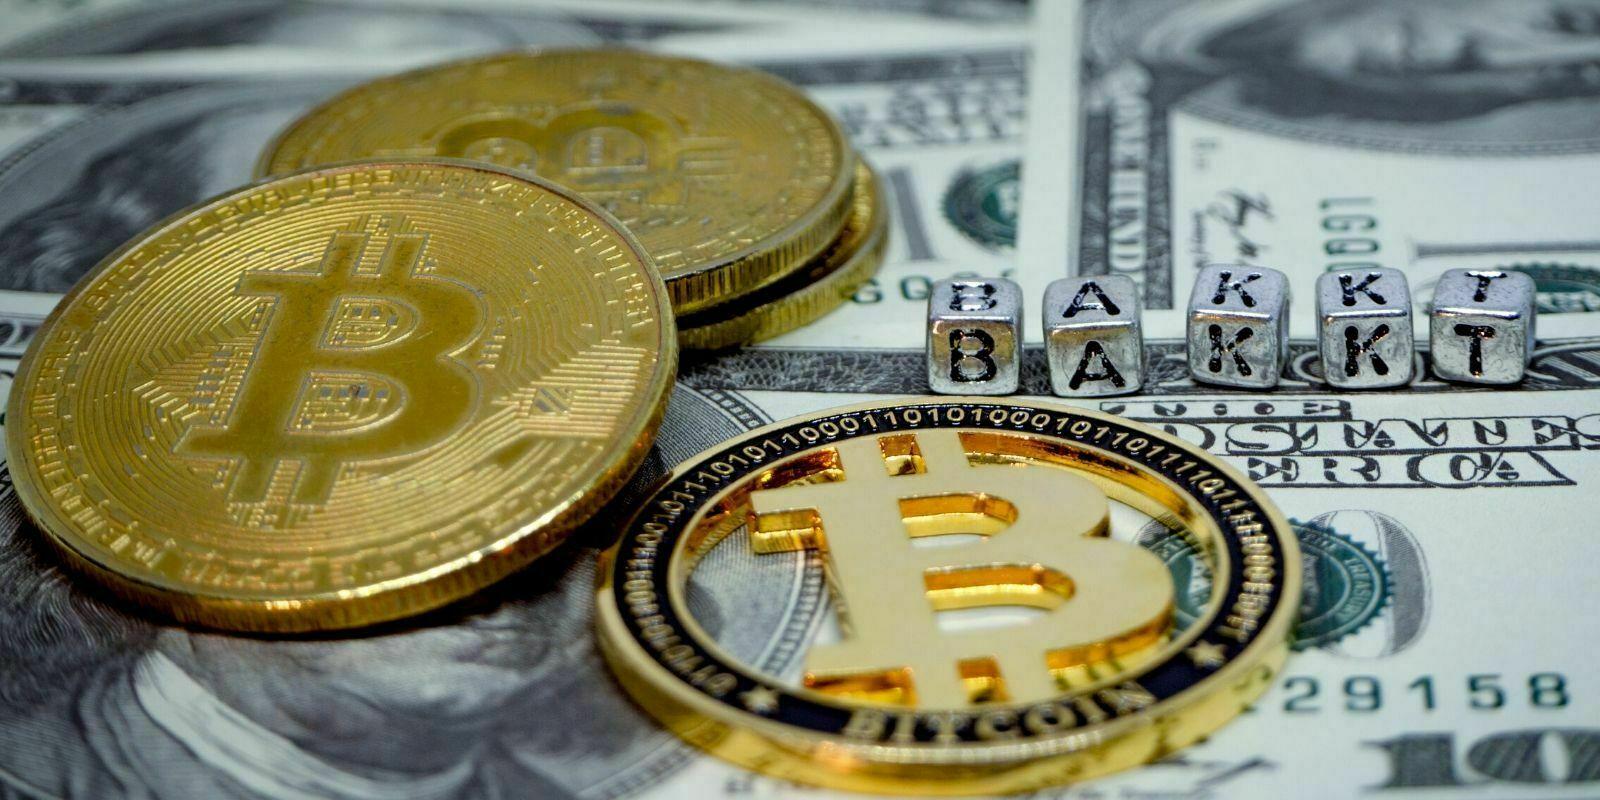 Bakkt lance ses contrats d'options Bitcoin et des contrats à terme réglés en espèces